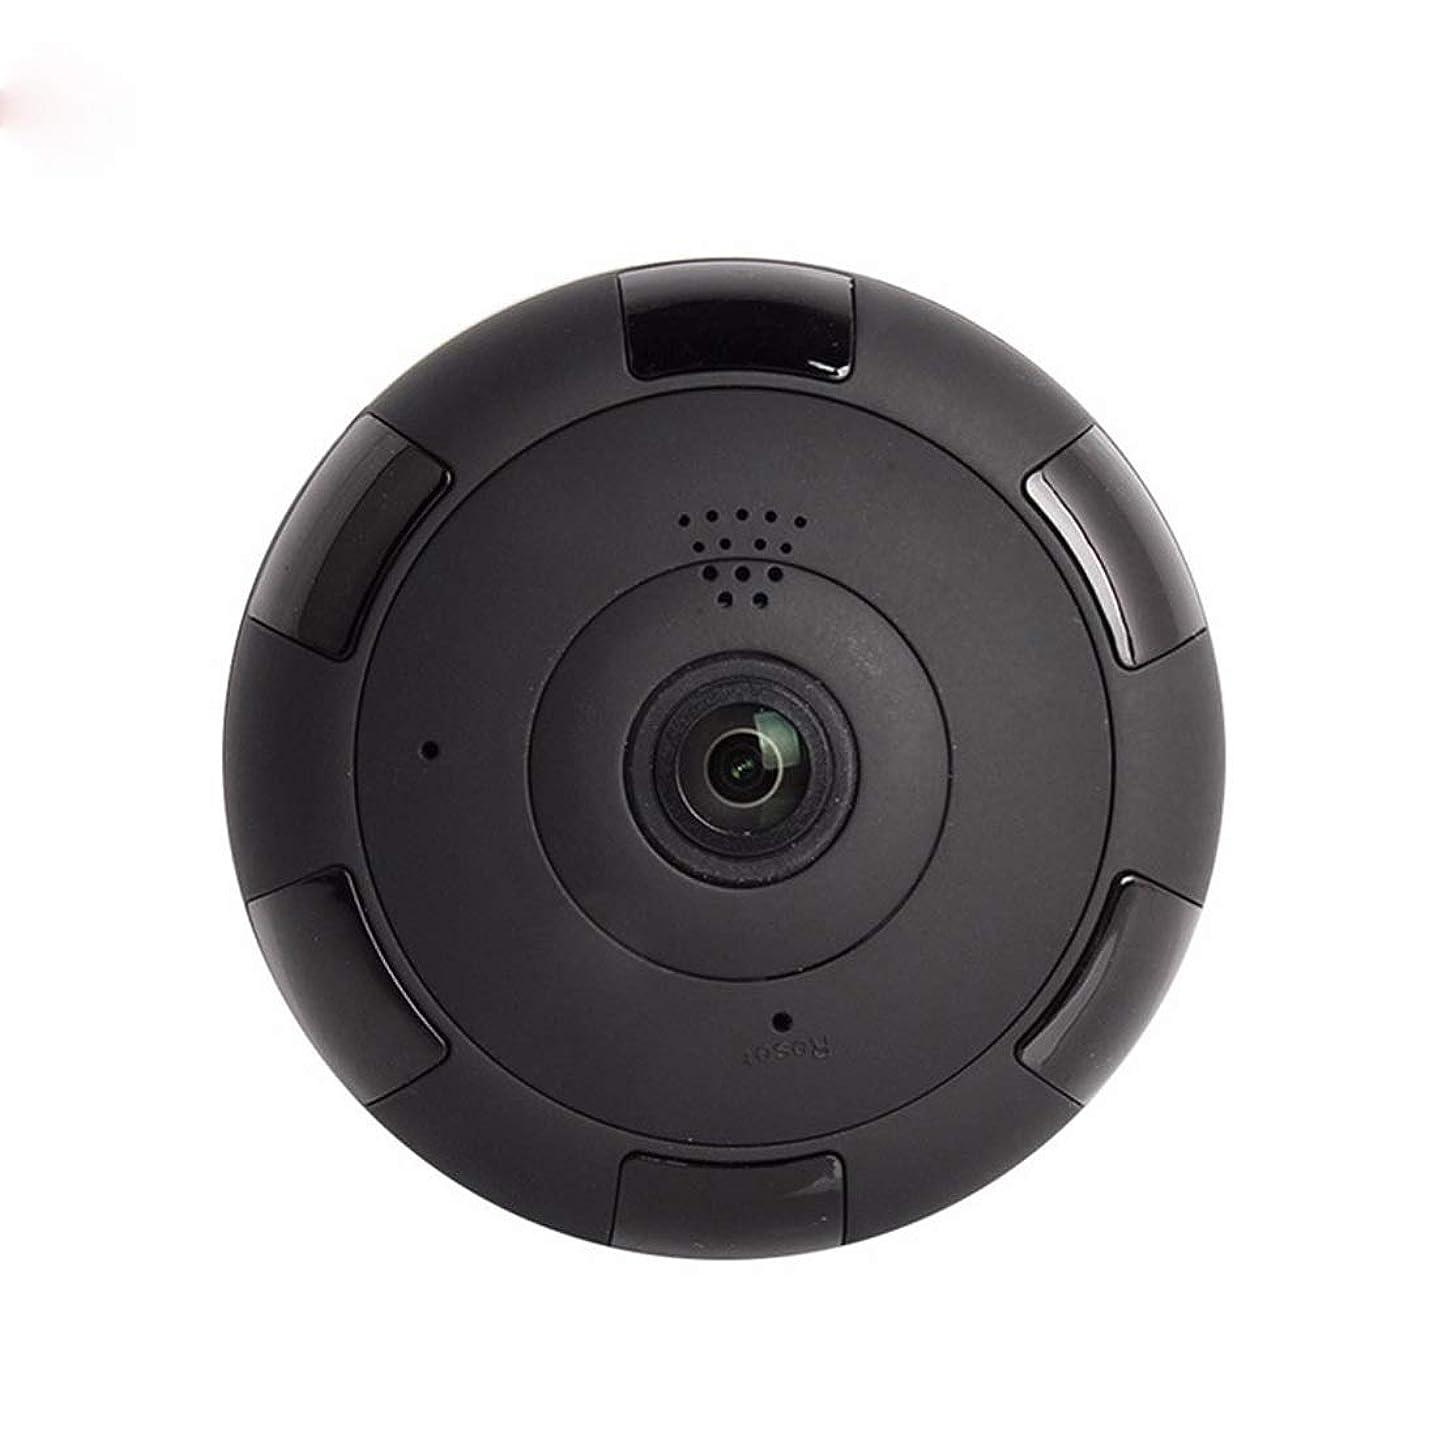 ヘッドレス同級生マニフェストパノラマカメラ360度魚眼レンズVRウェブカメラHDナイトビジョンipcamera